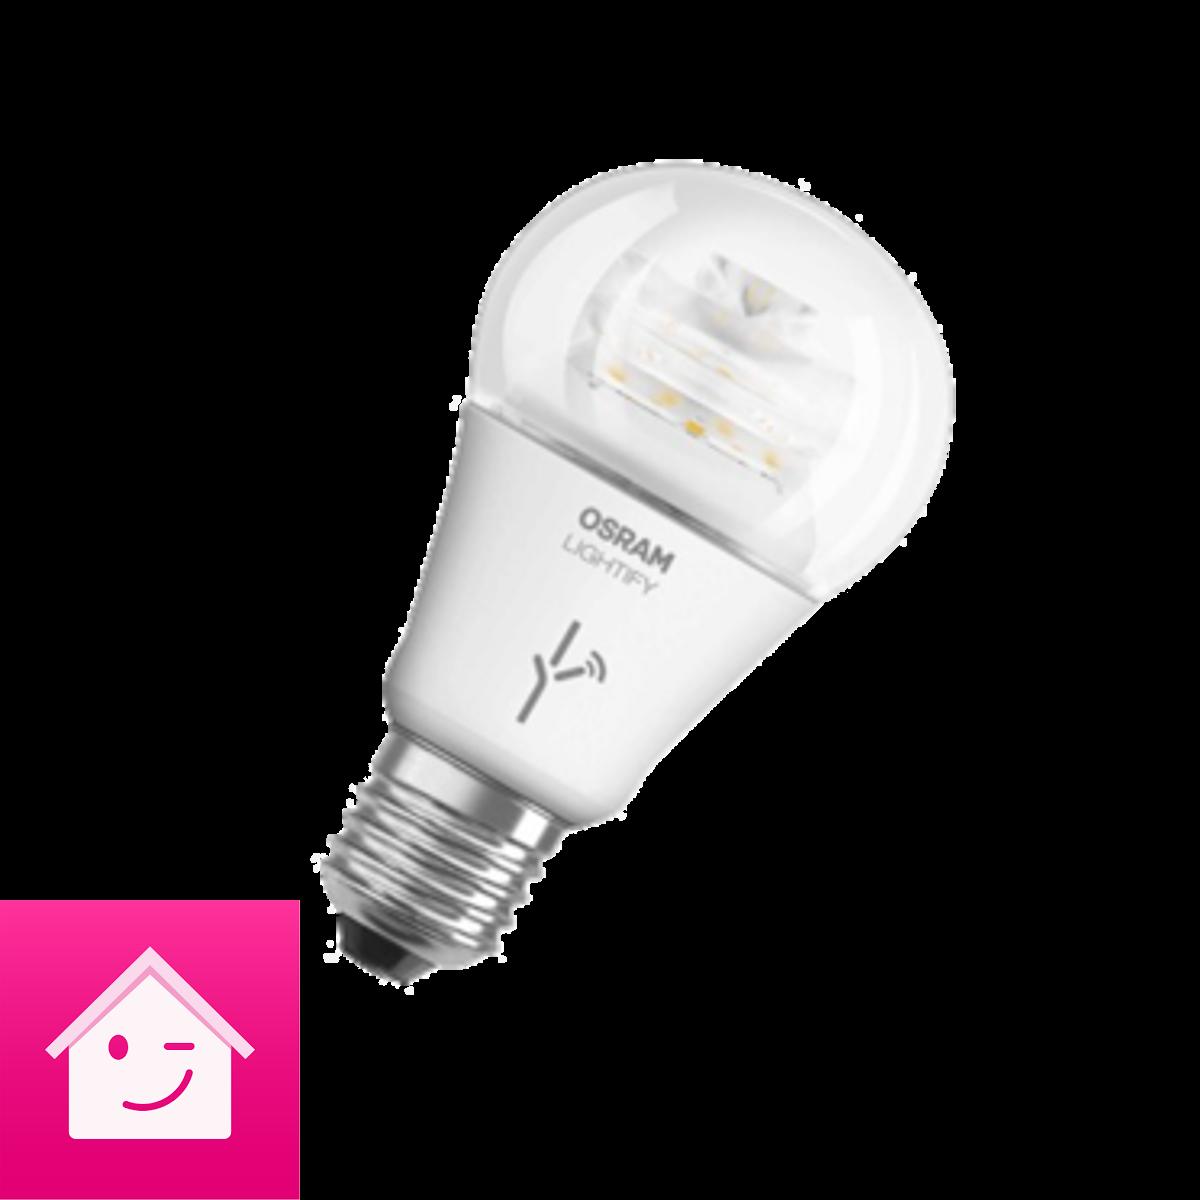 OSRAM LIGHTIFY Classic A LED-Glühlampe, 10 Watt, E27, klar, dimmbar / warmweiß 2700K